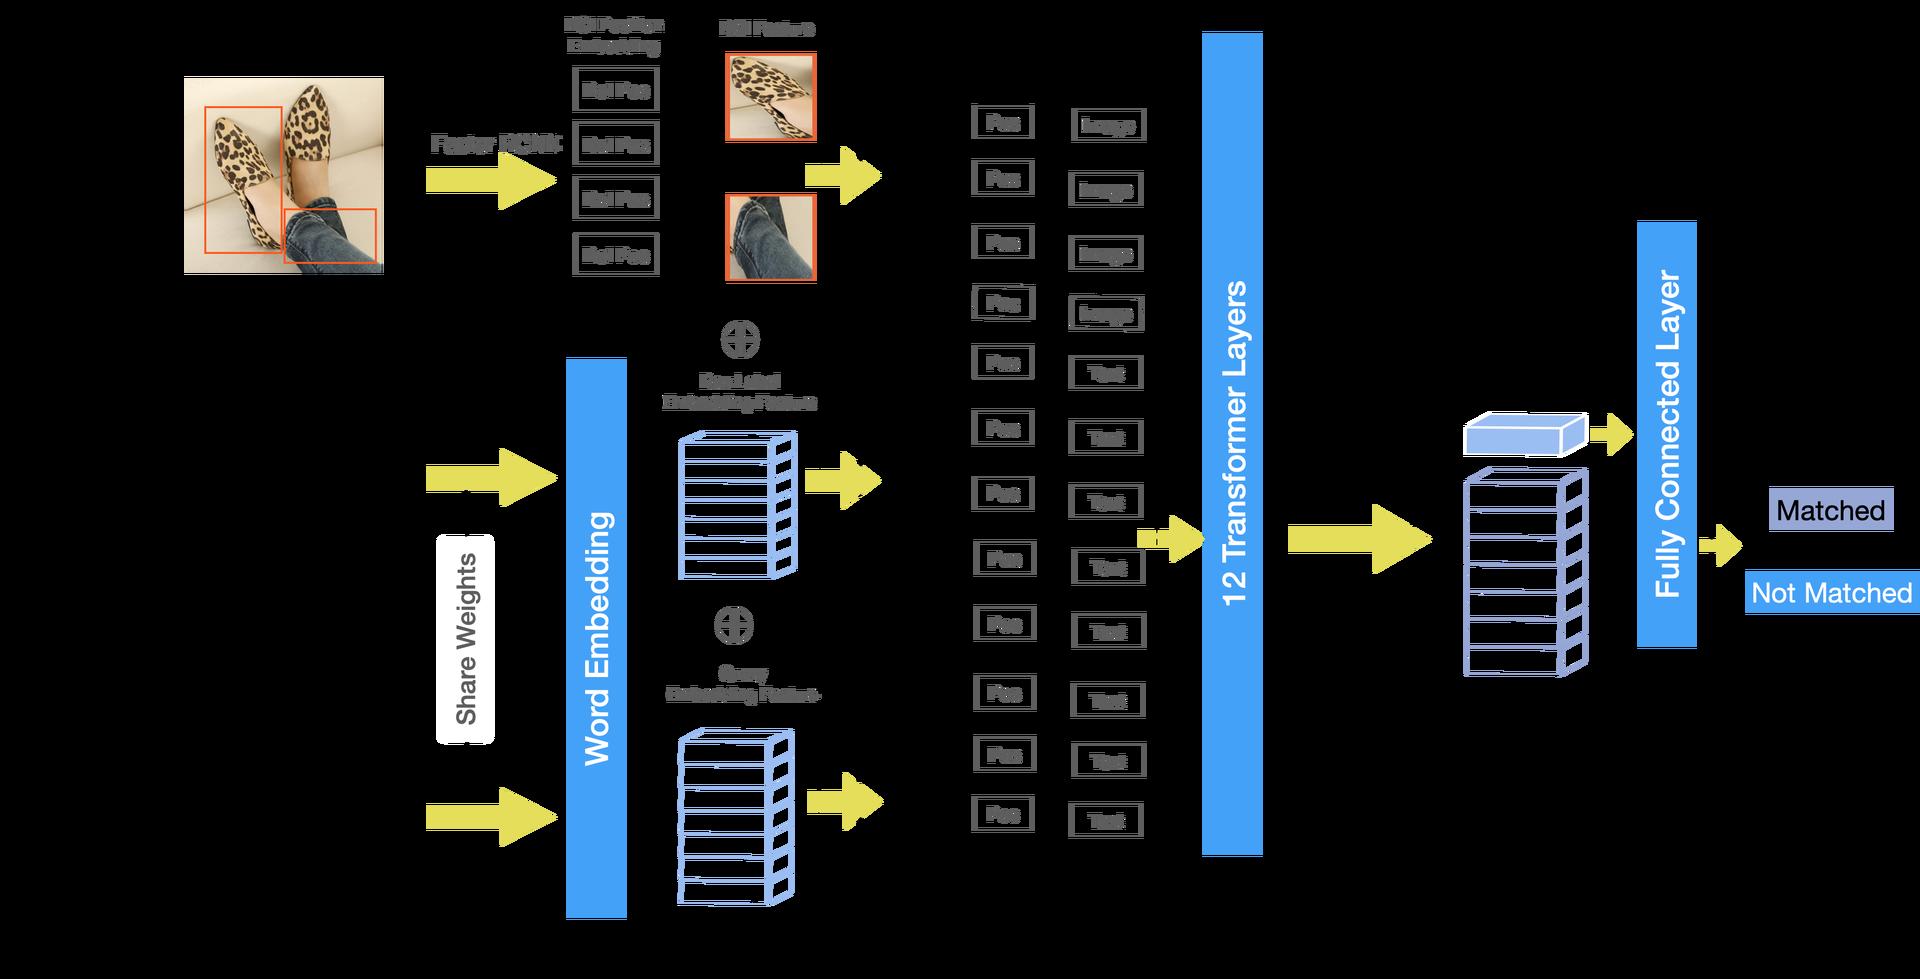 图7 比赛中使用的ImageBert模型结构